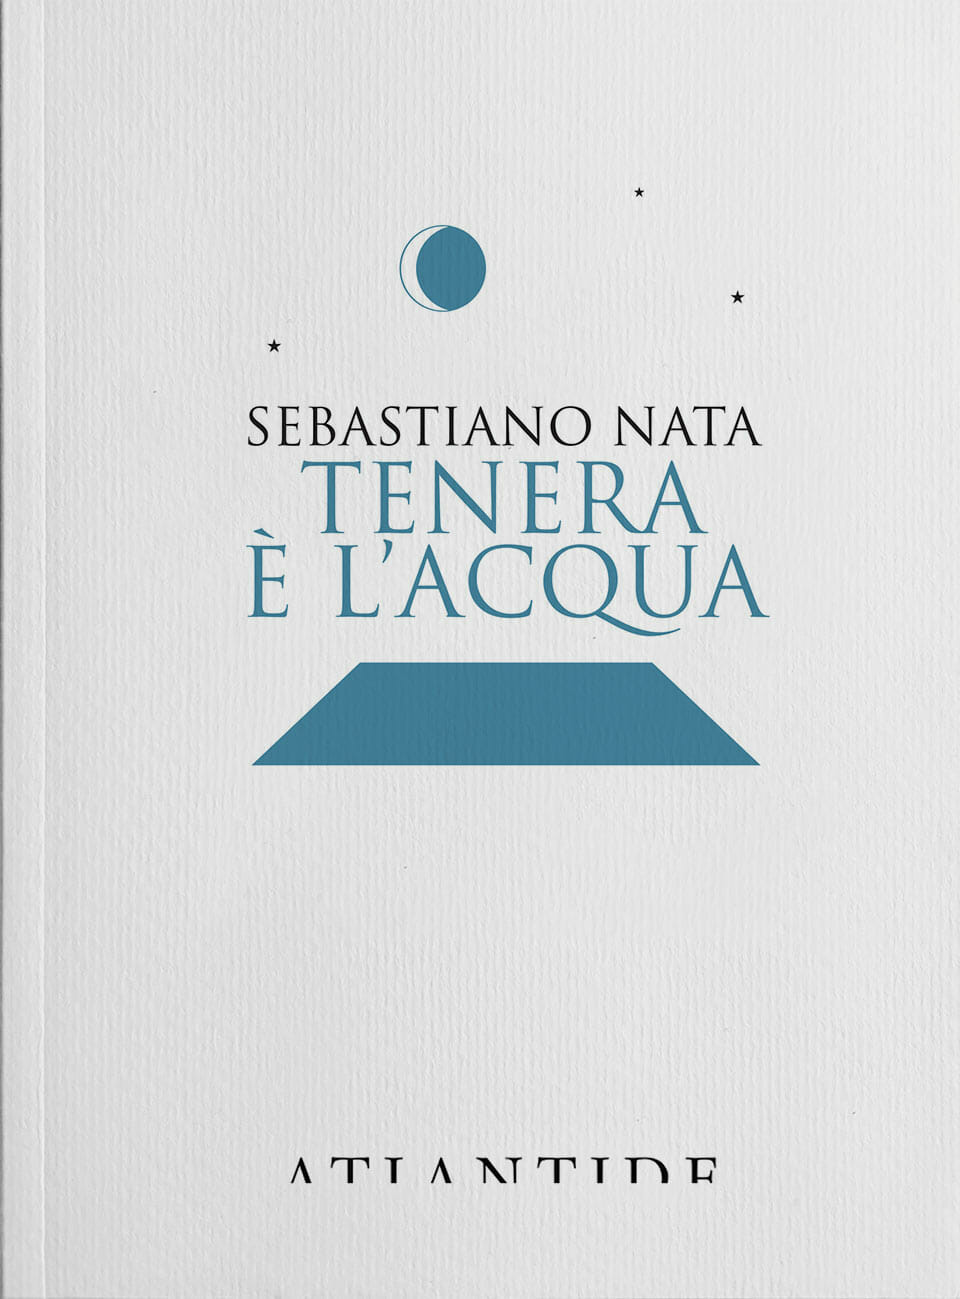 Sebastiano Nata Tenera è l'acqua